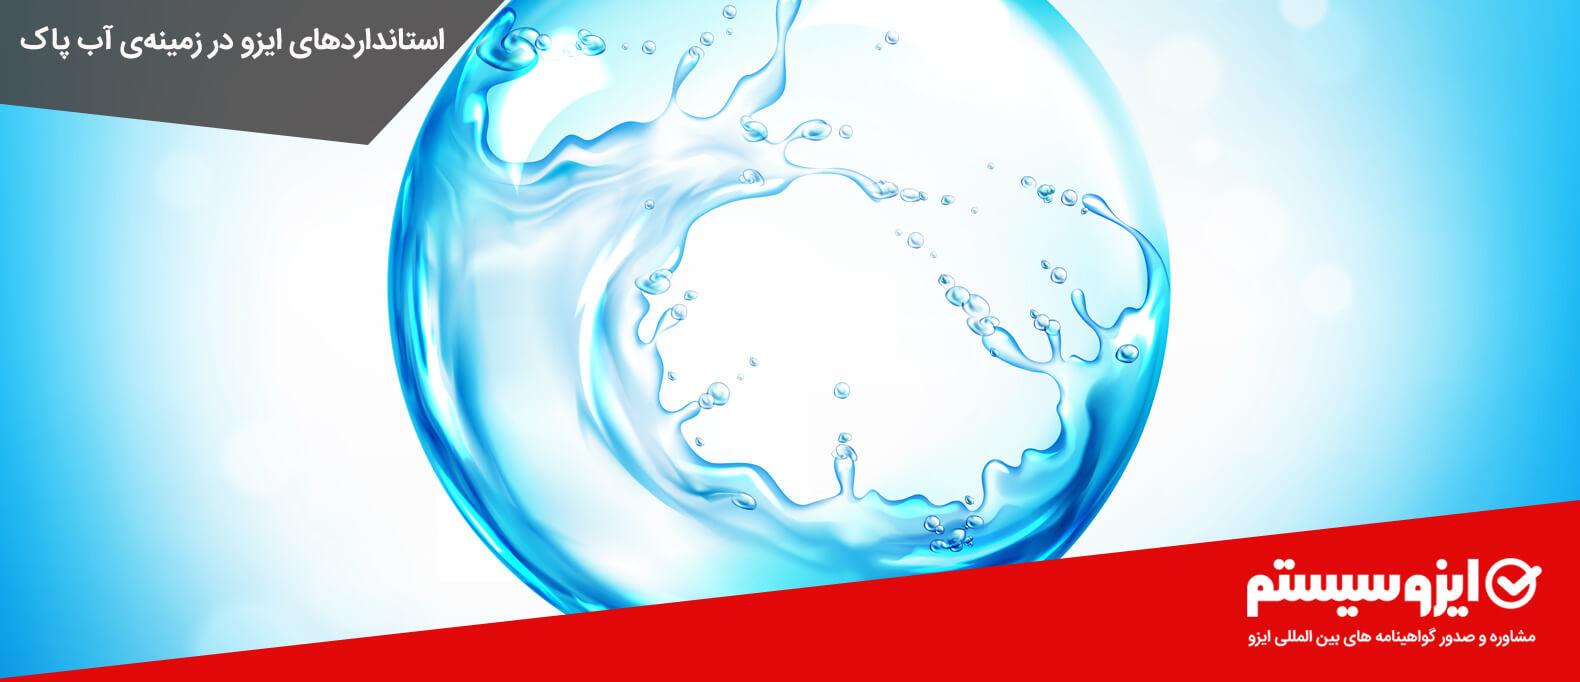 استانداردهای ایزو در زمینه_ی آب پاک